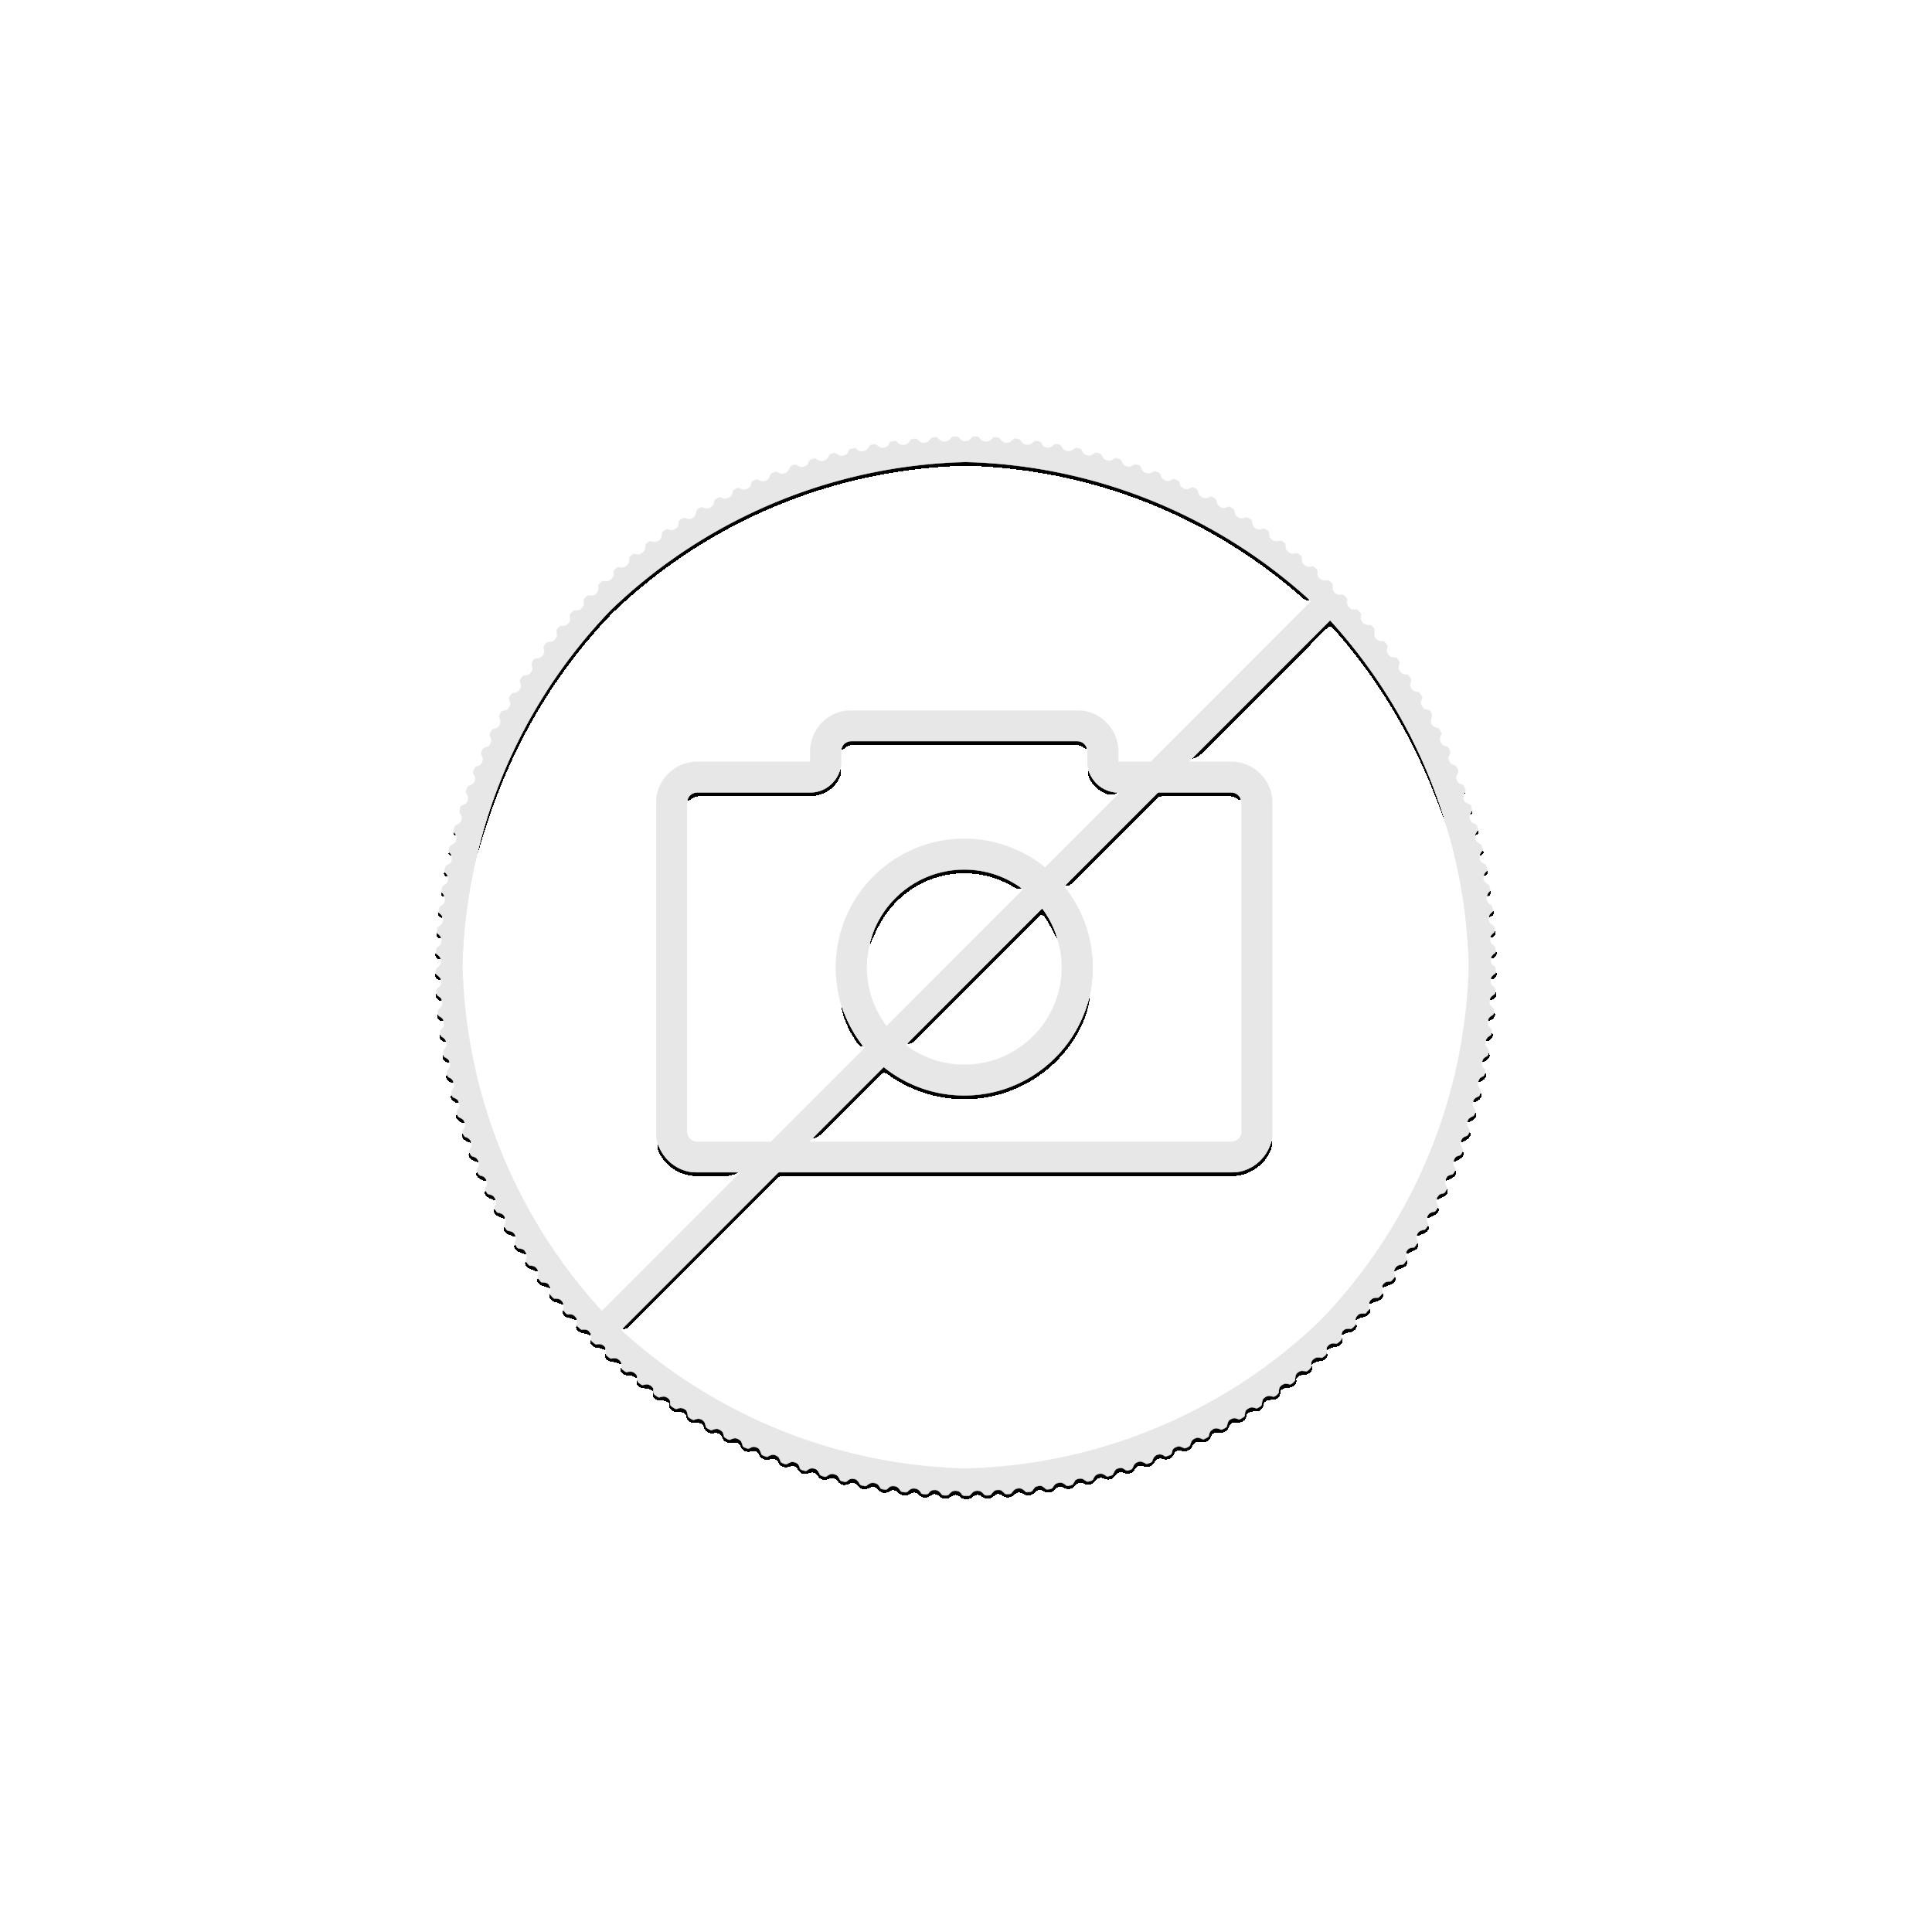 Swarovski Birthstone munt september 2020